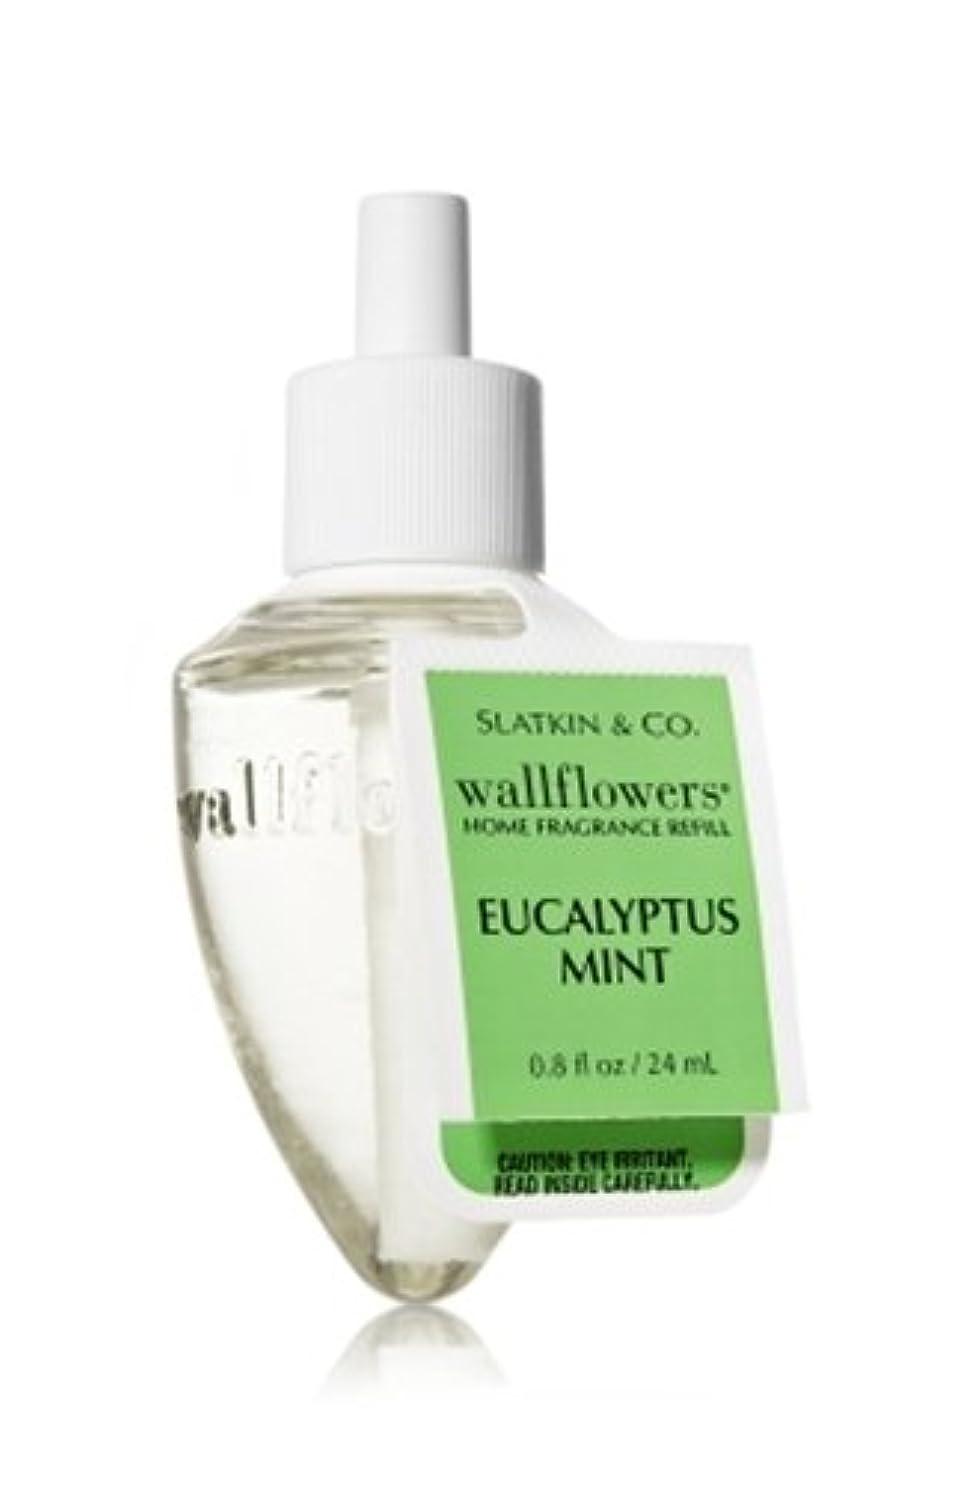 エロチック用心する偽Bath & Body Works(バス&ボディワークス) ユーカリプタス ミント レフィル(本体は別売りです) Eucalyptus Mint Wallflowers Refill Single Bottles【並行輸入品】